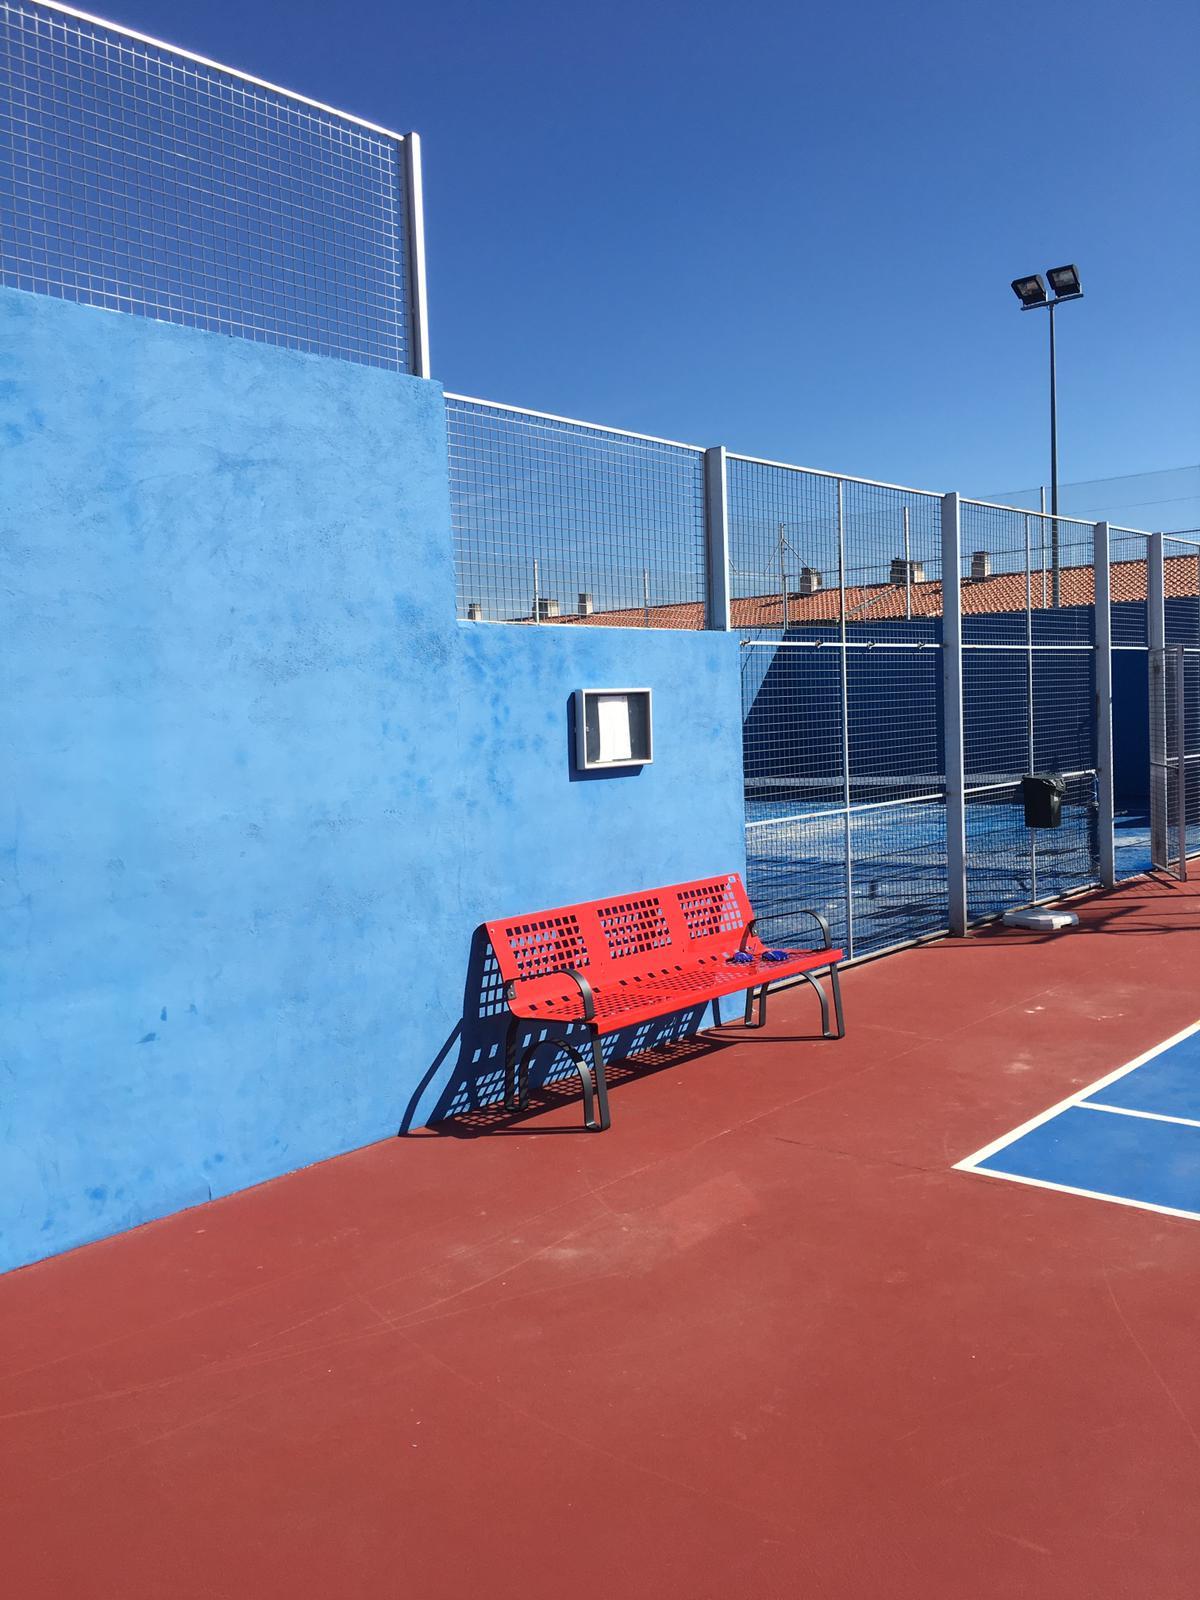 banco rojo en pista de tenis